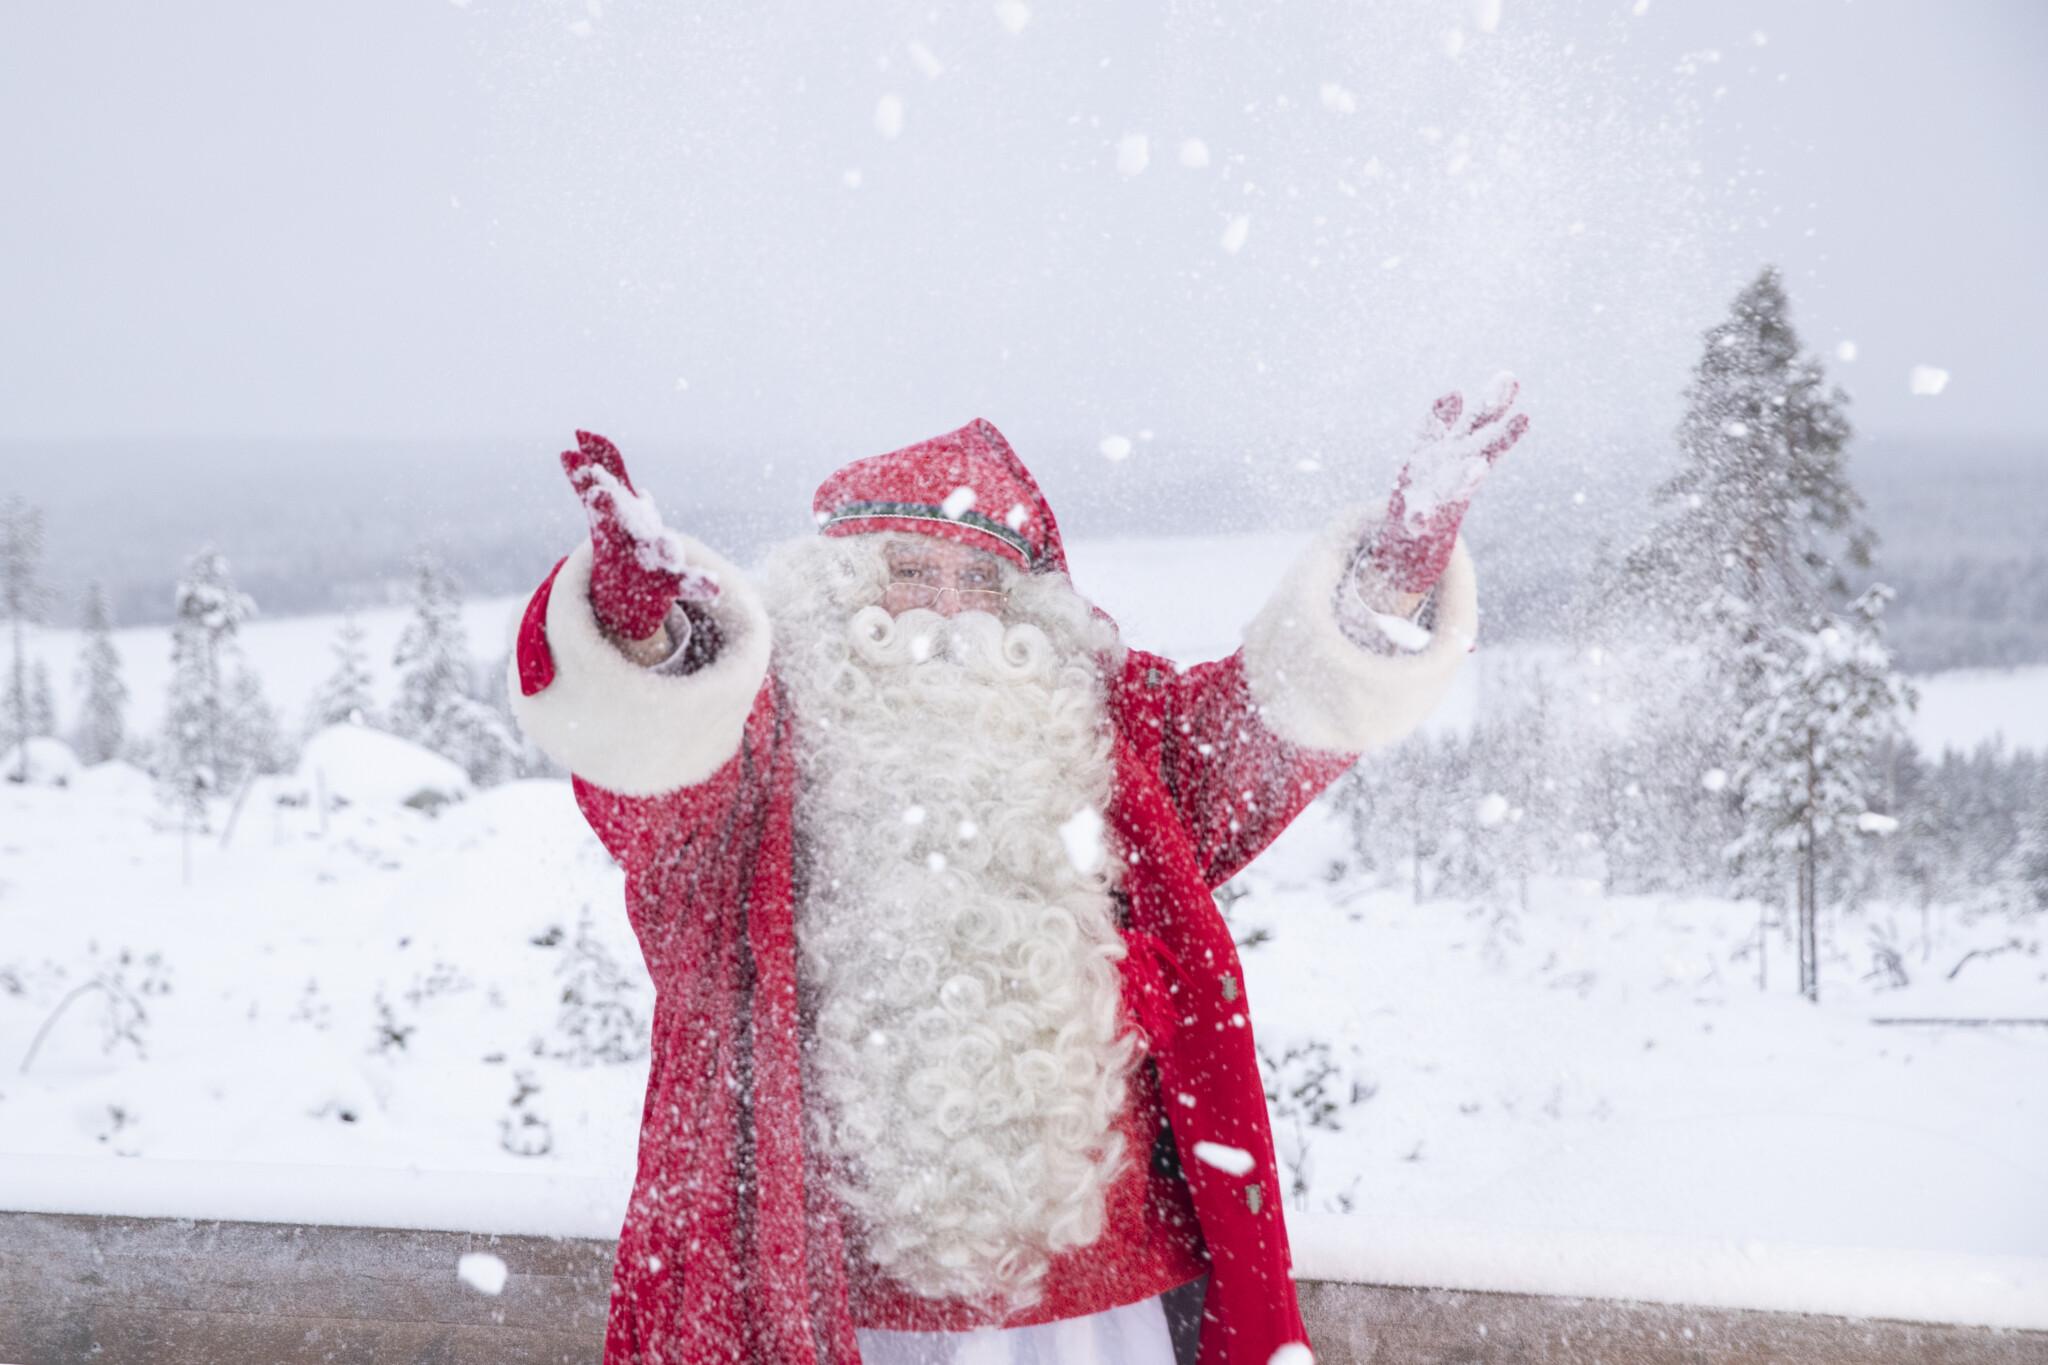 Santa Claus Winter 2018 in Rovaniemi Lapland Finland (17) (1)